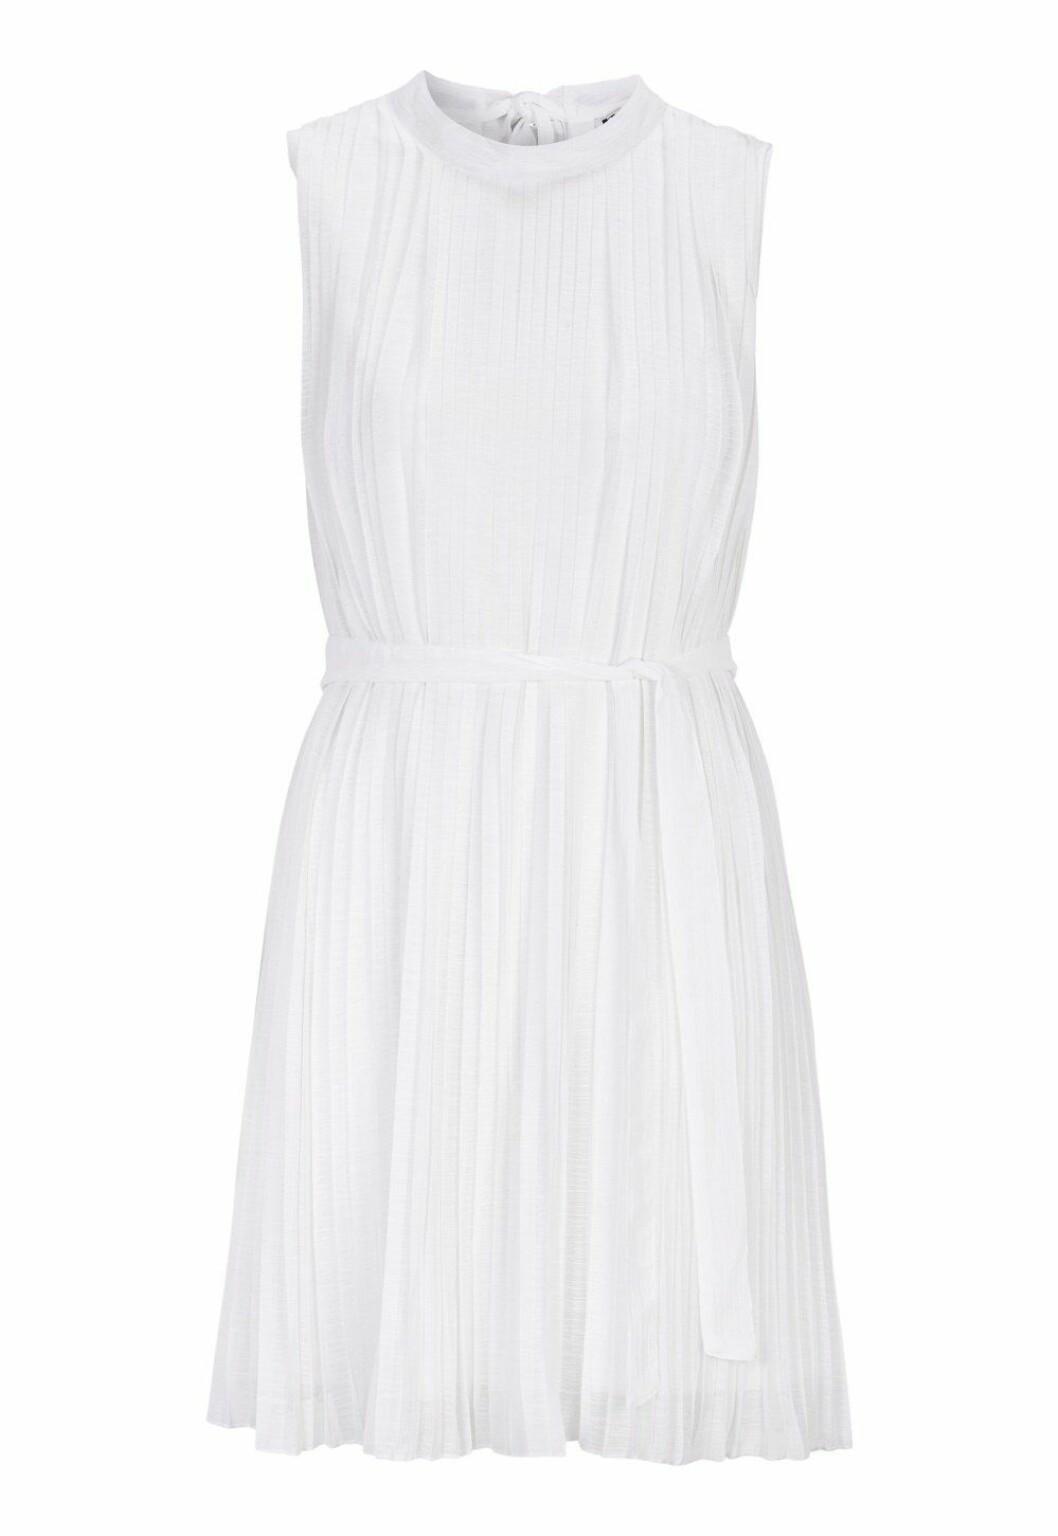 Vit plisserad klänning till sommaren 2019